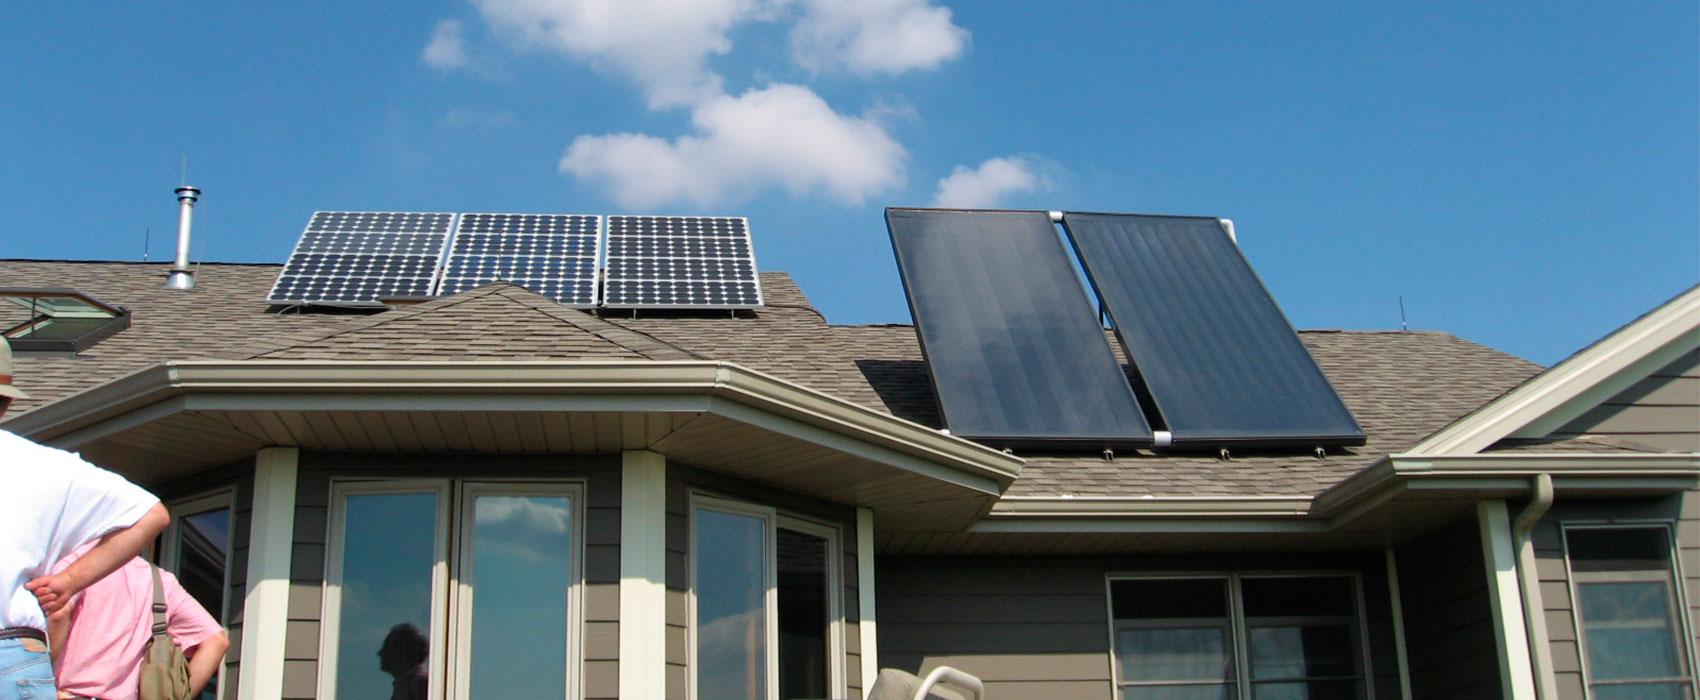 dossier comment conomiser sur votre facture d nergie avec des panneaux solaires. Black Bedroom Furniture Sets. Home Design Ideas